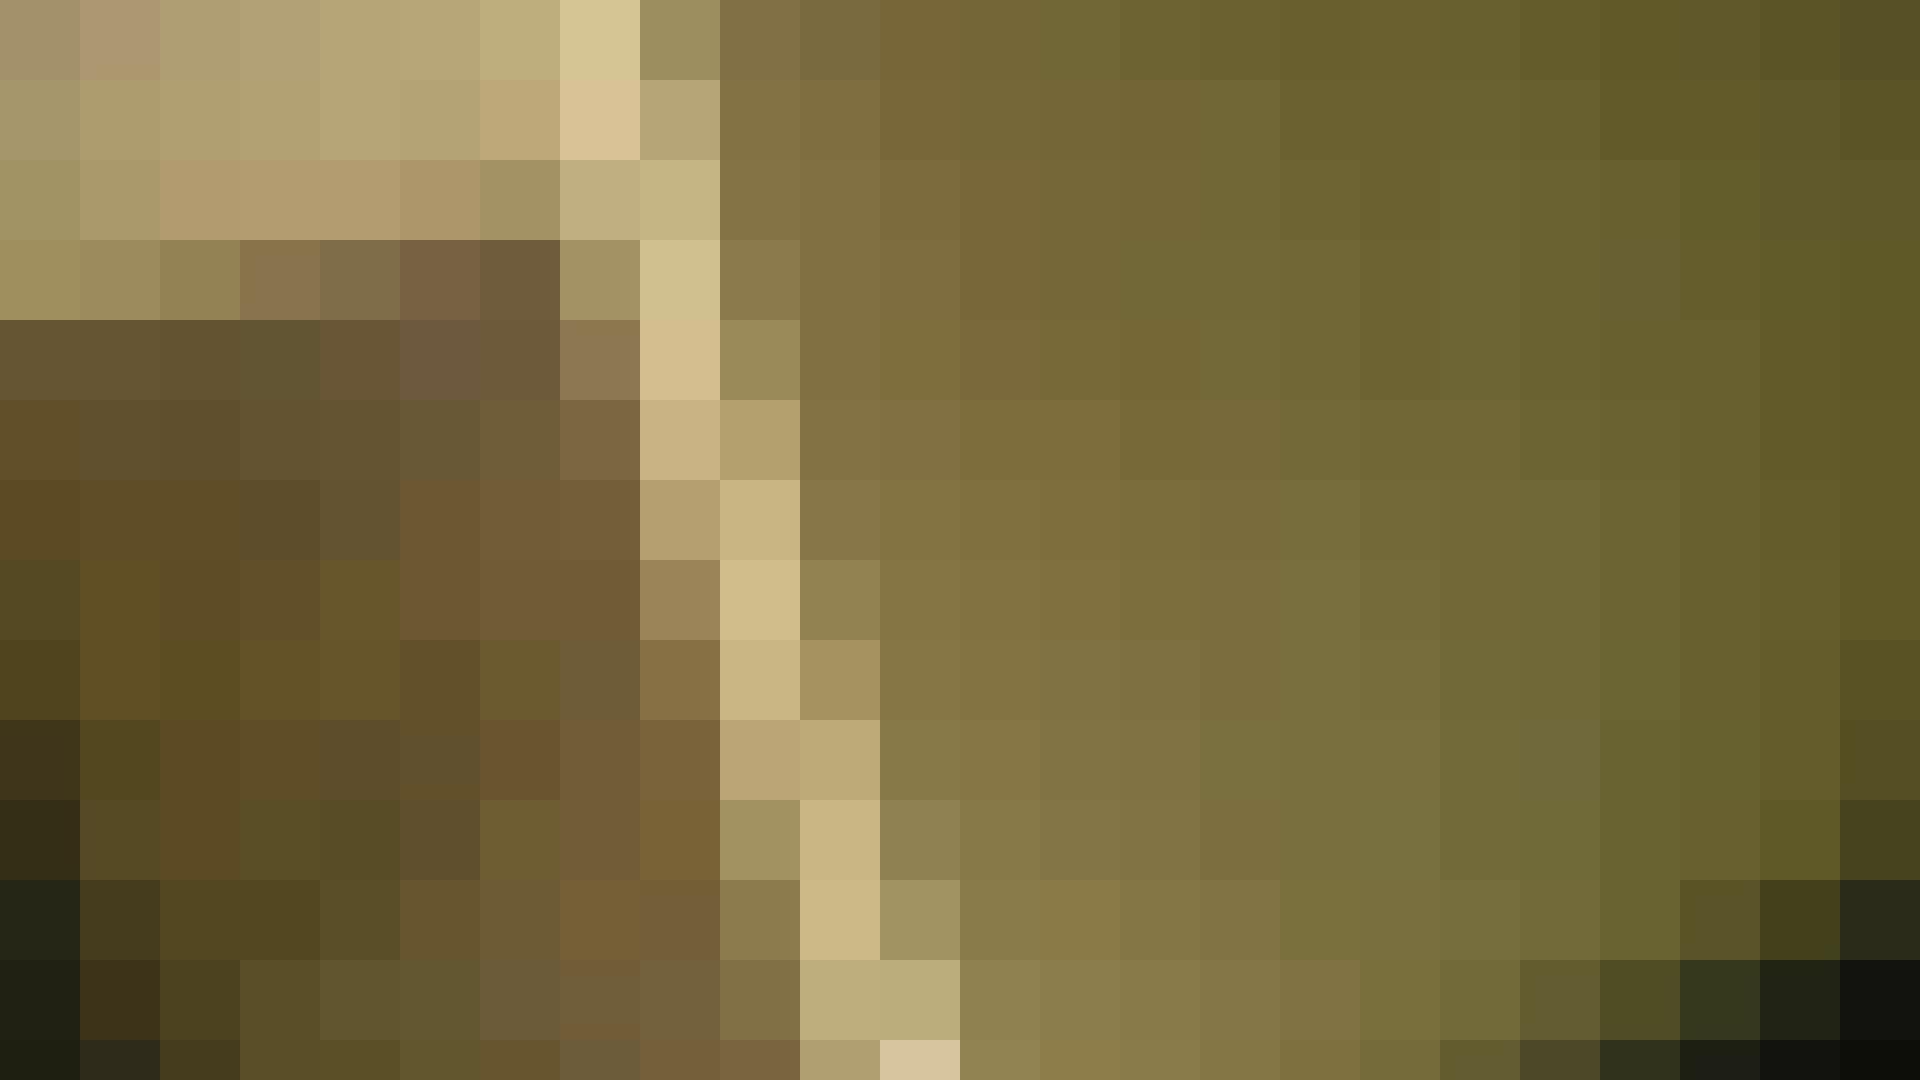 阿国ちゃんの「和式洋式七変化」No.18 iBO(フタコブ) 洗面所着替え   和式  83連発 70